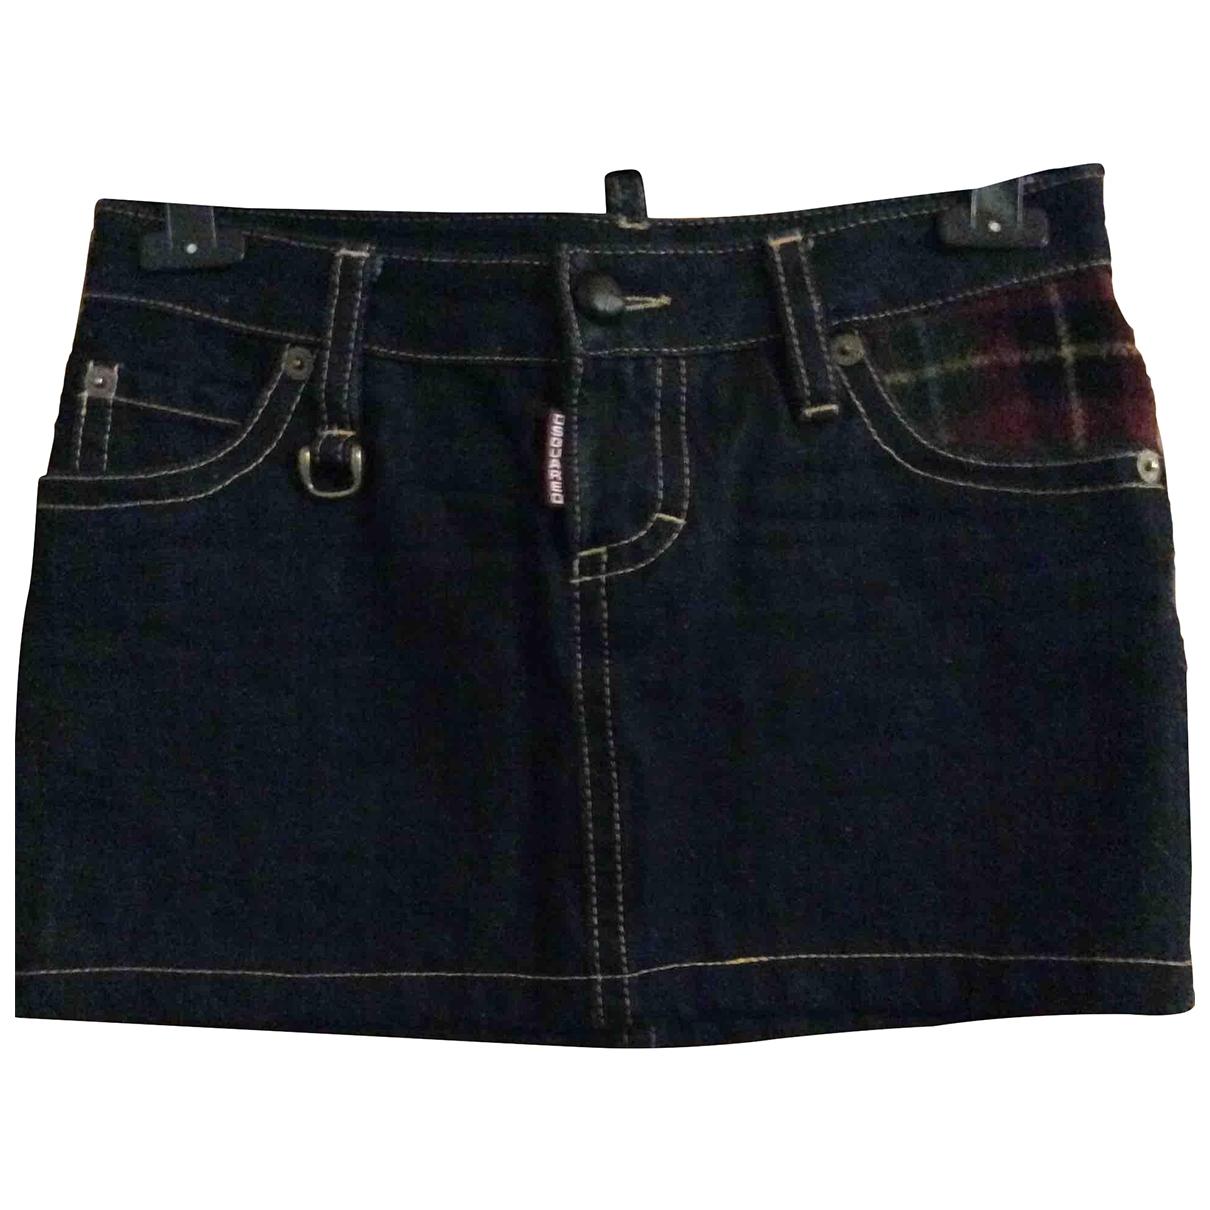 Dsquared2 \N Blue Denim - Jeans skirt for Women 42 IT